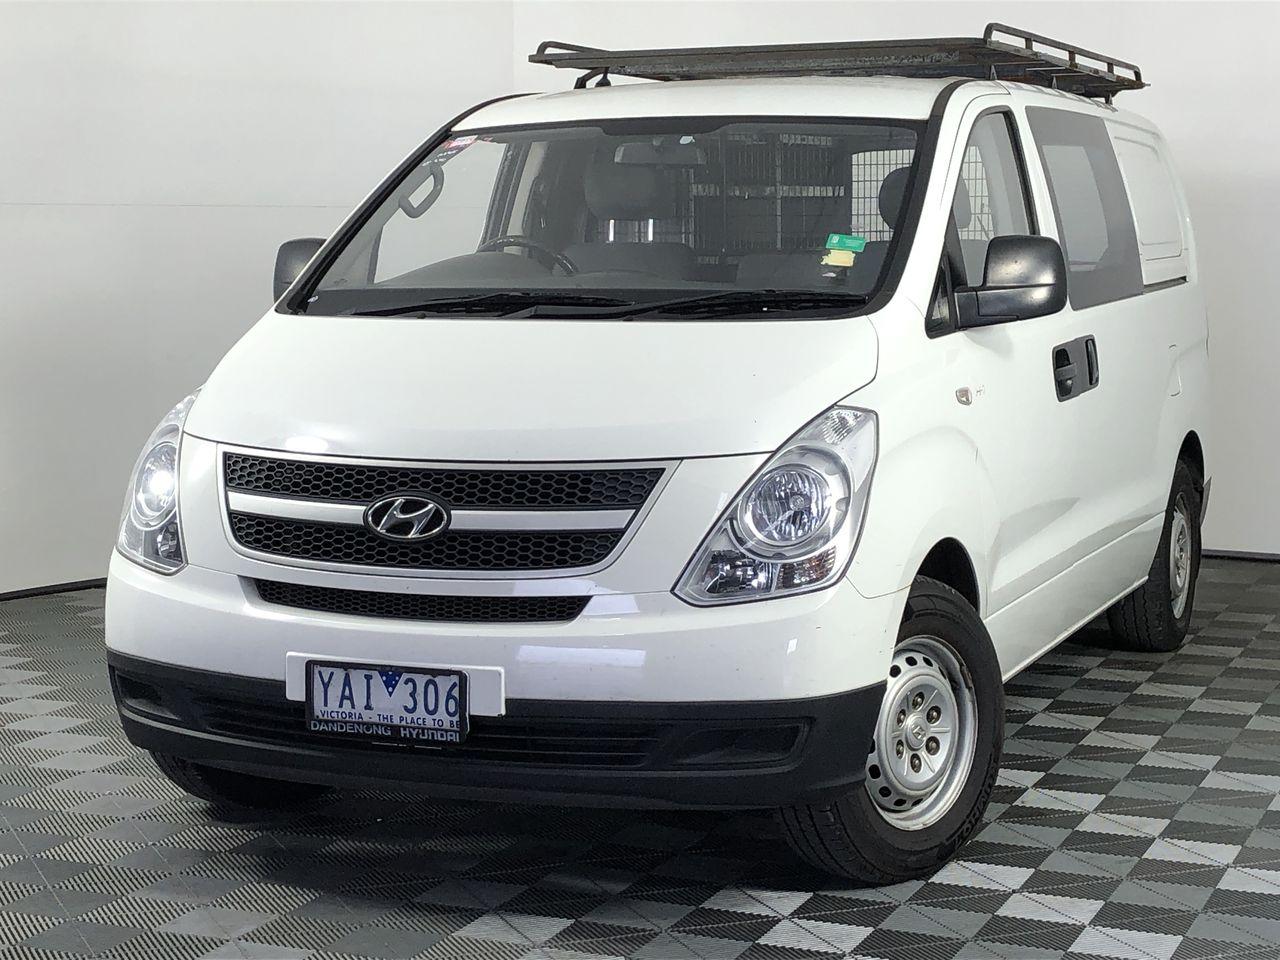 2010 Hyundai iLOAD TQ Manual Van